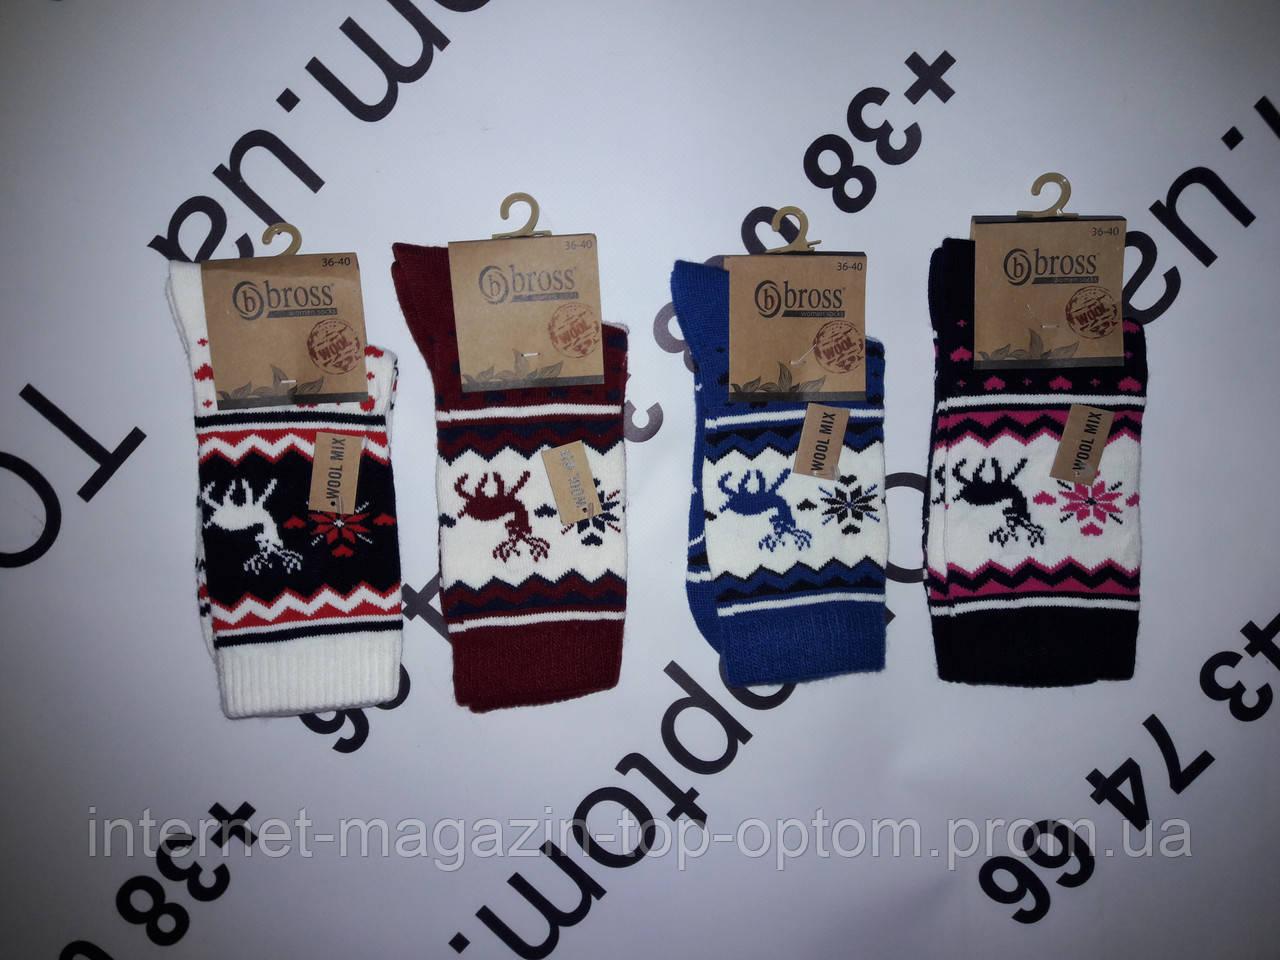 Шкарпетки жіночі, новорічні, шерстяні  Bross опт